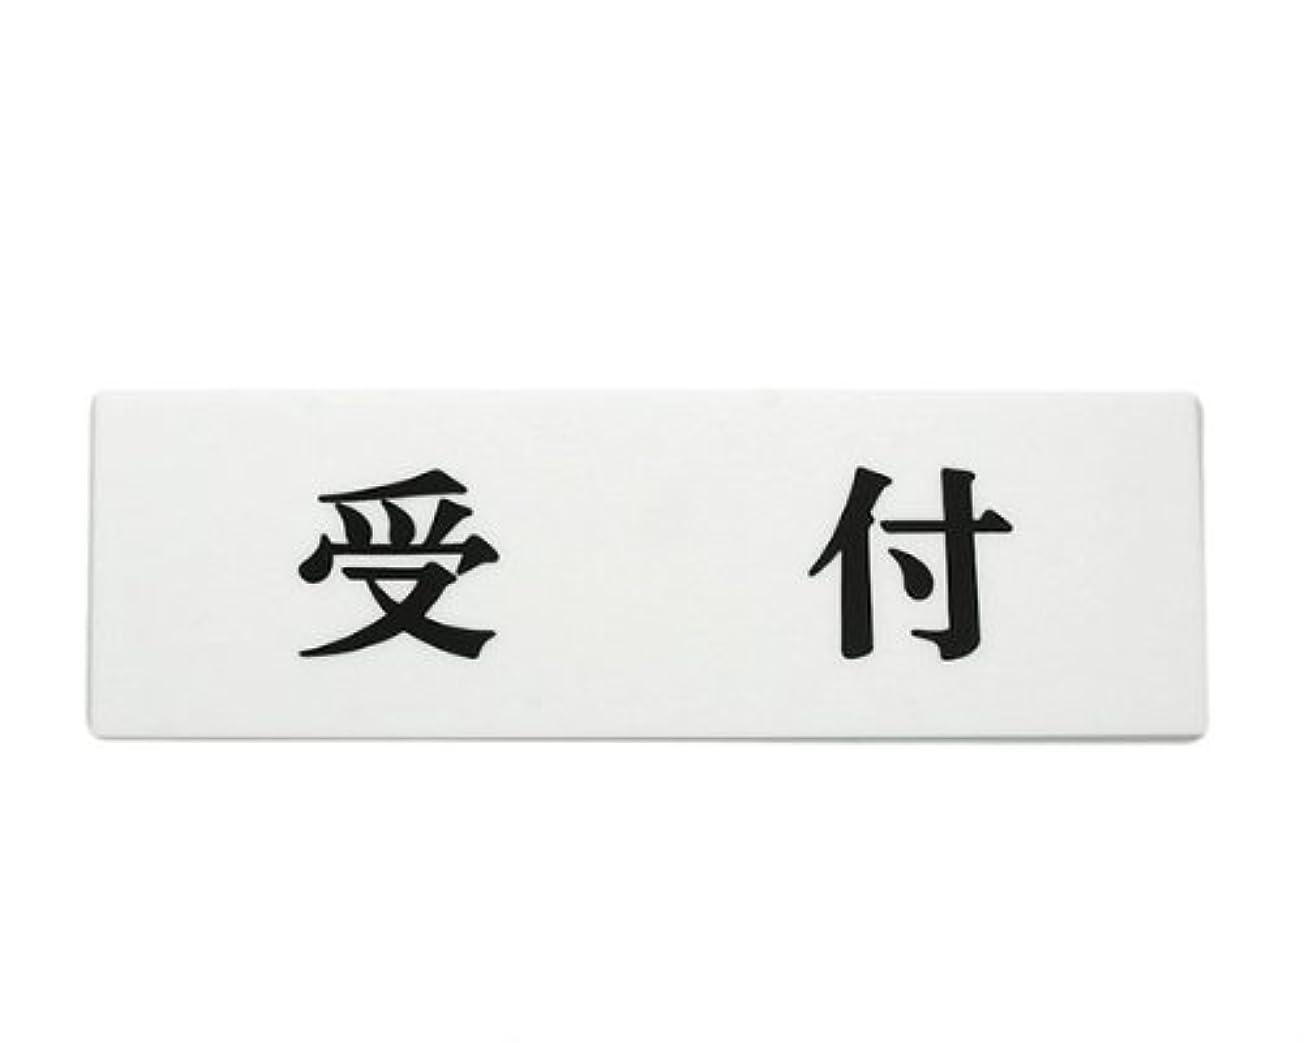 勘違いするお酒スタジオ光 ヨコ型 受付 Y5150-11